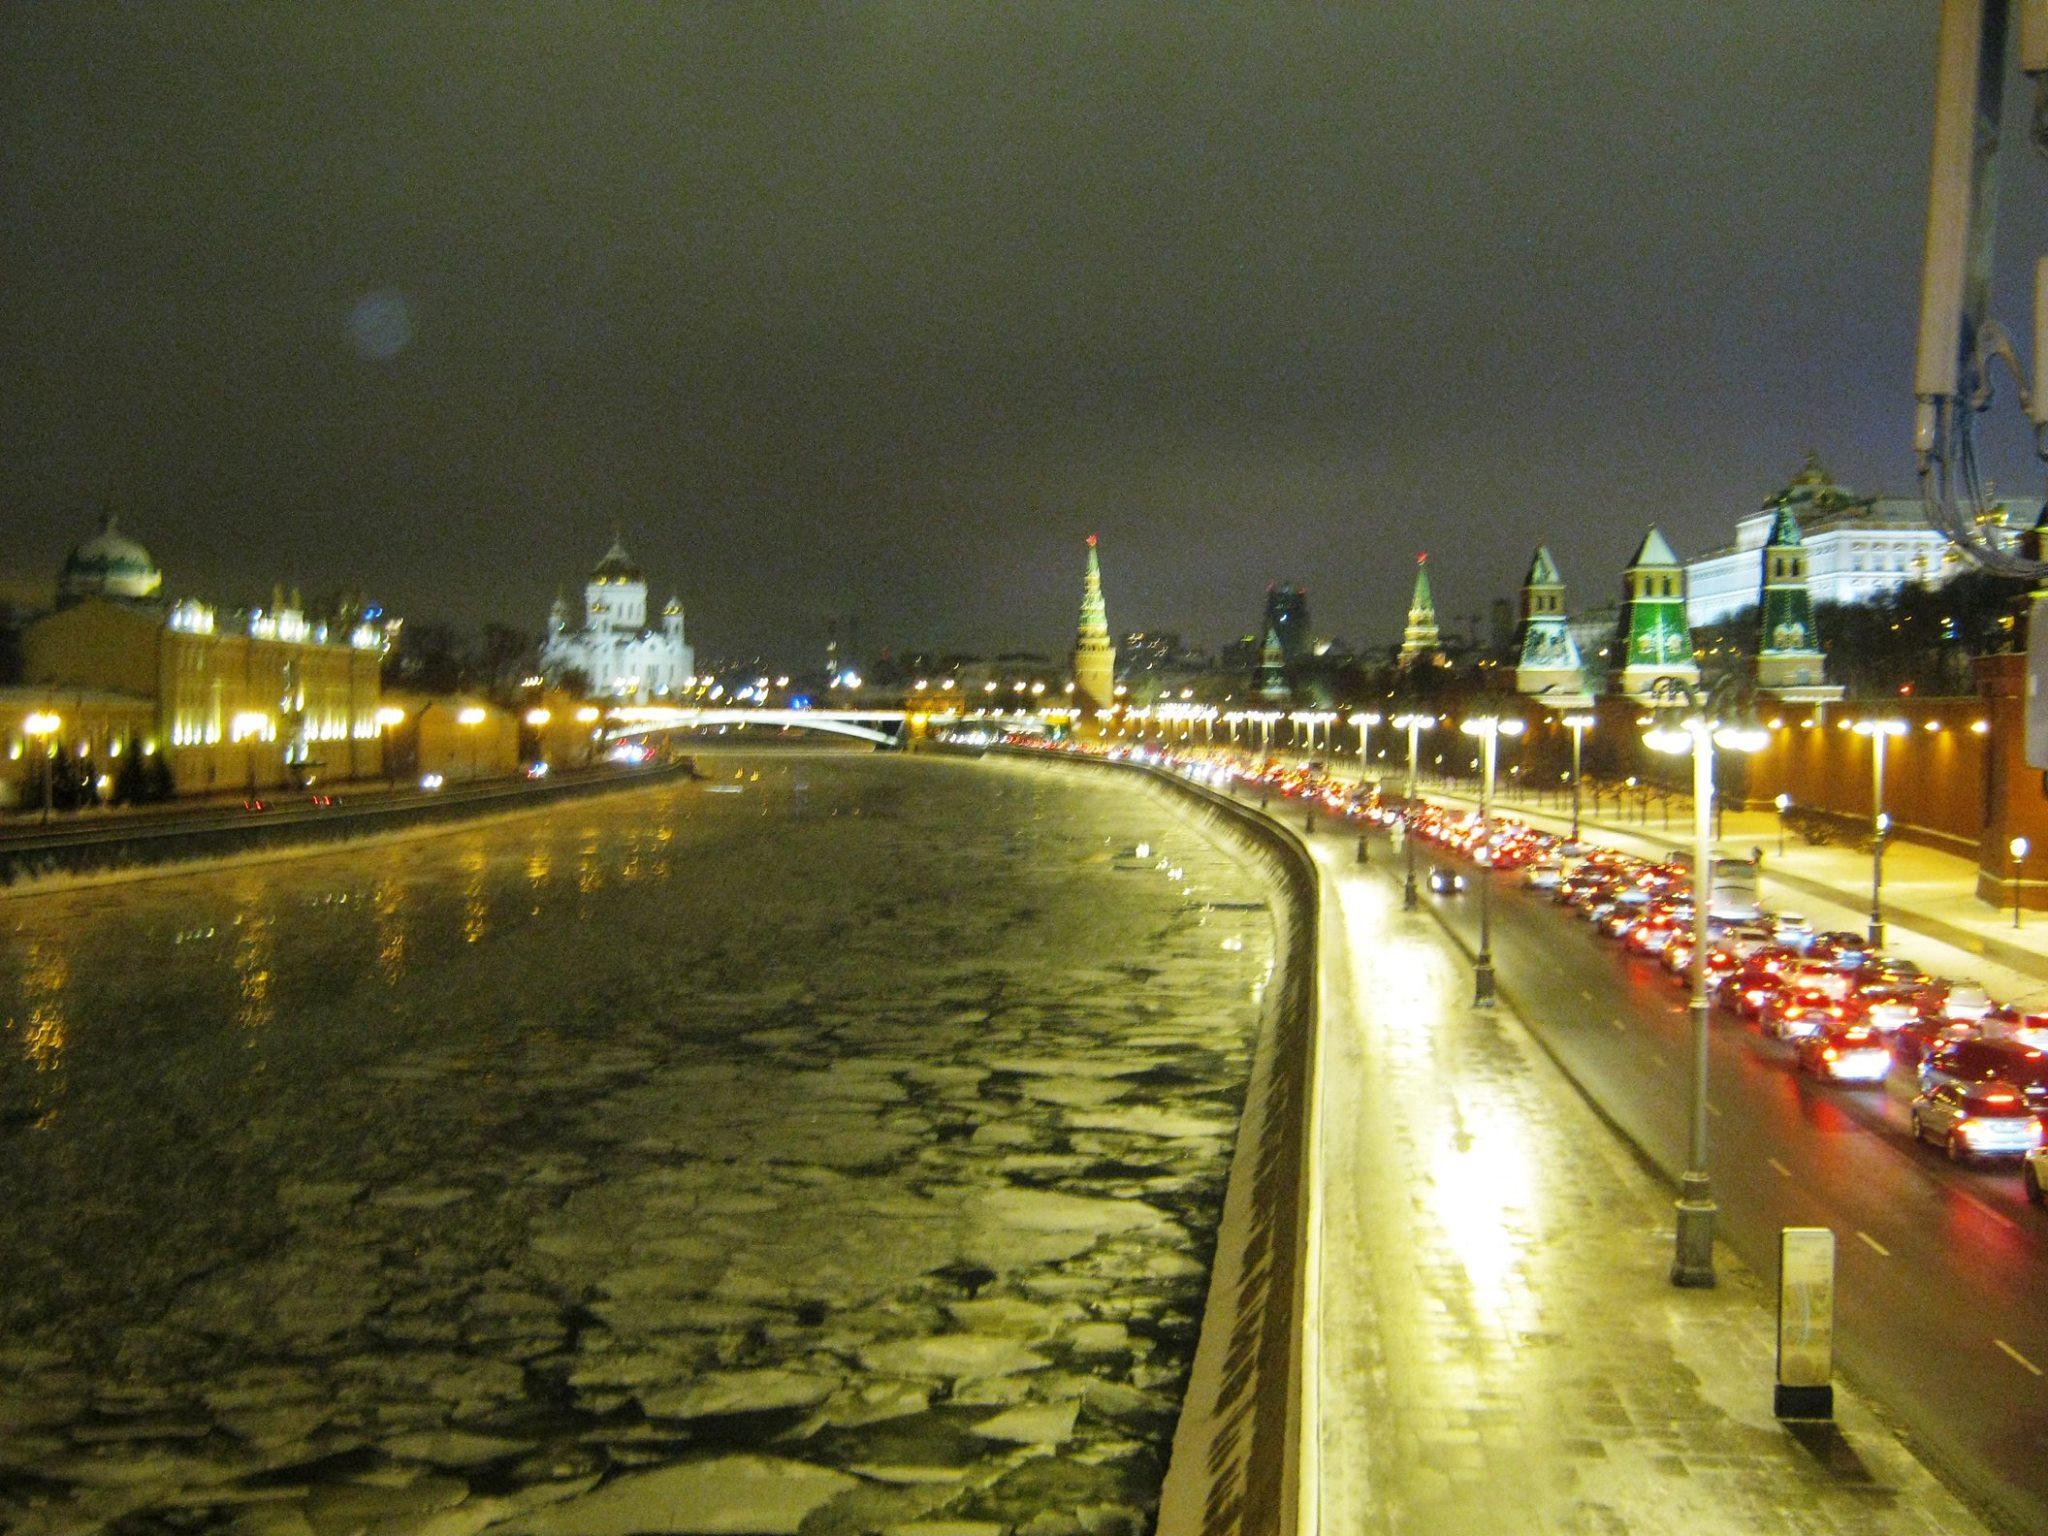 Немцов мост. 16.12.2016 Льда на Москва-реке всё больше и больше. Скоро она вся будет скована своей бронёй.